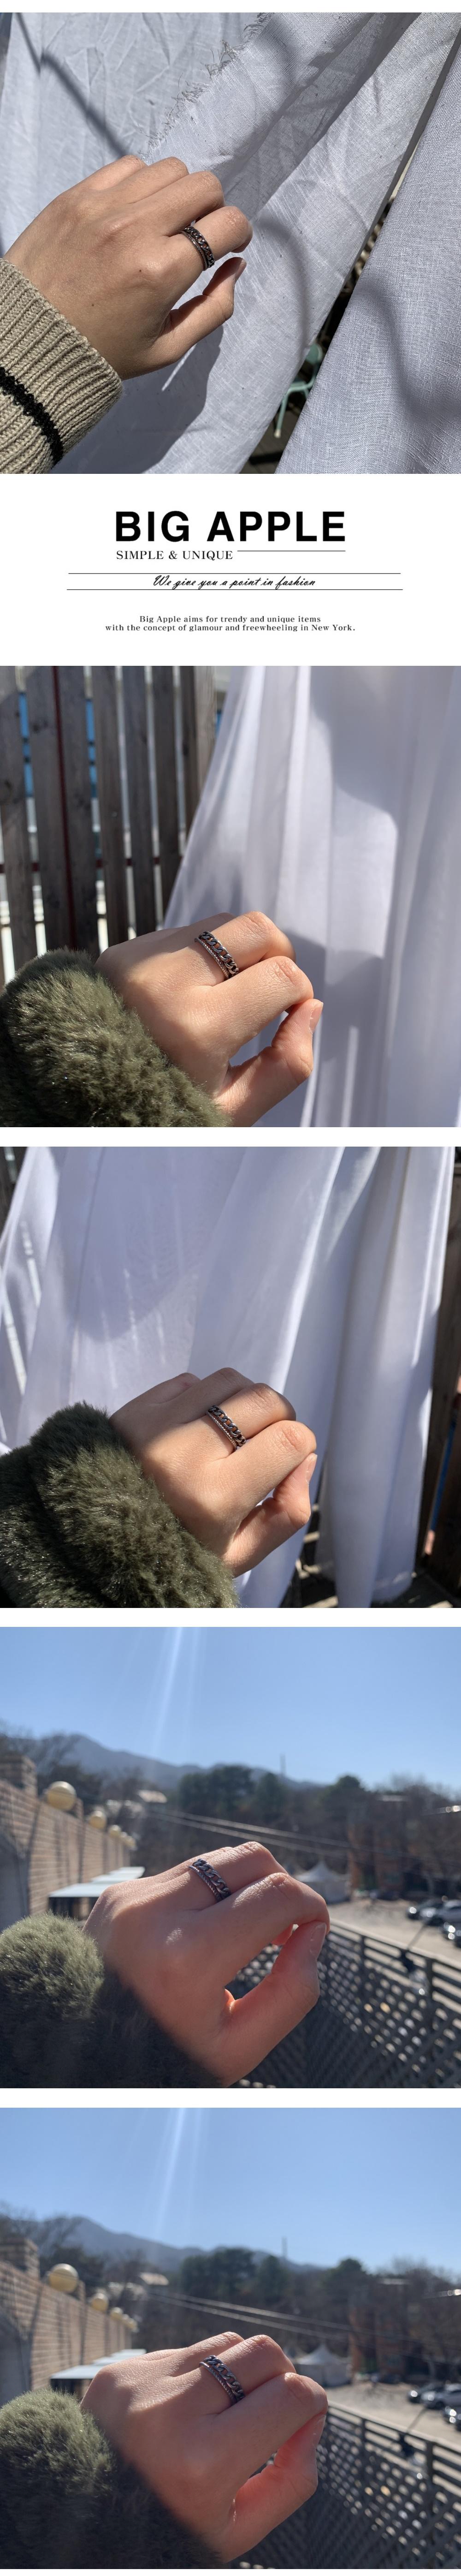 남자 반지 체인 뱅글 두줄 miracle bangle - 빅애플, 17,000원, 남성주얼리, 반지